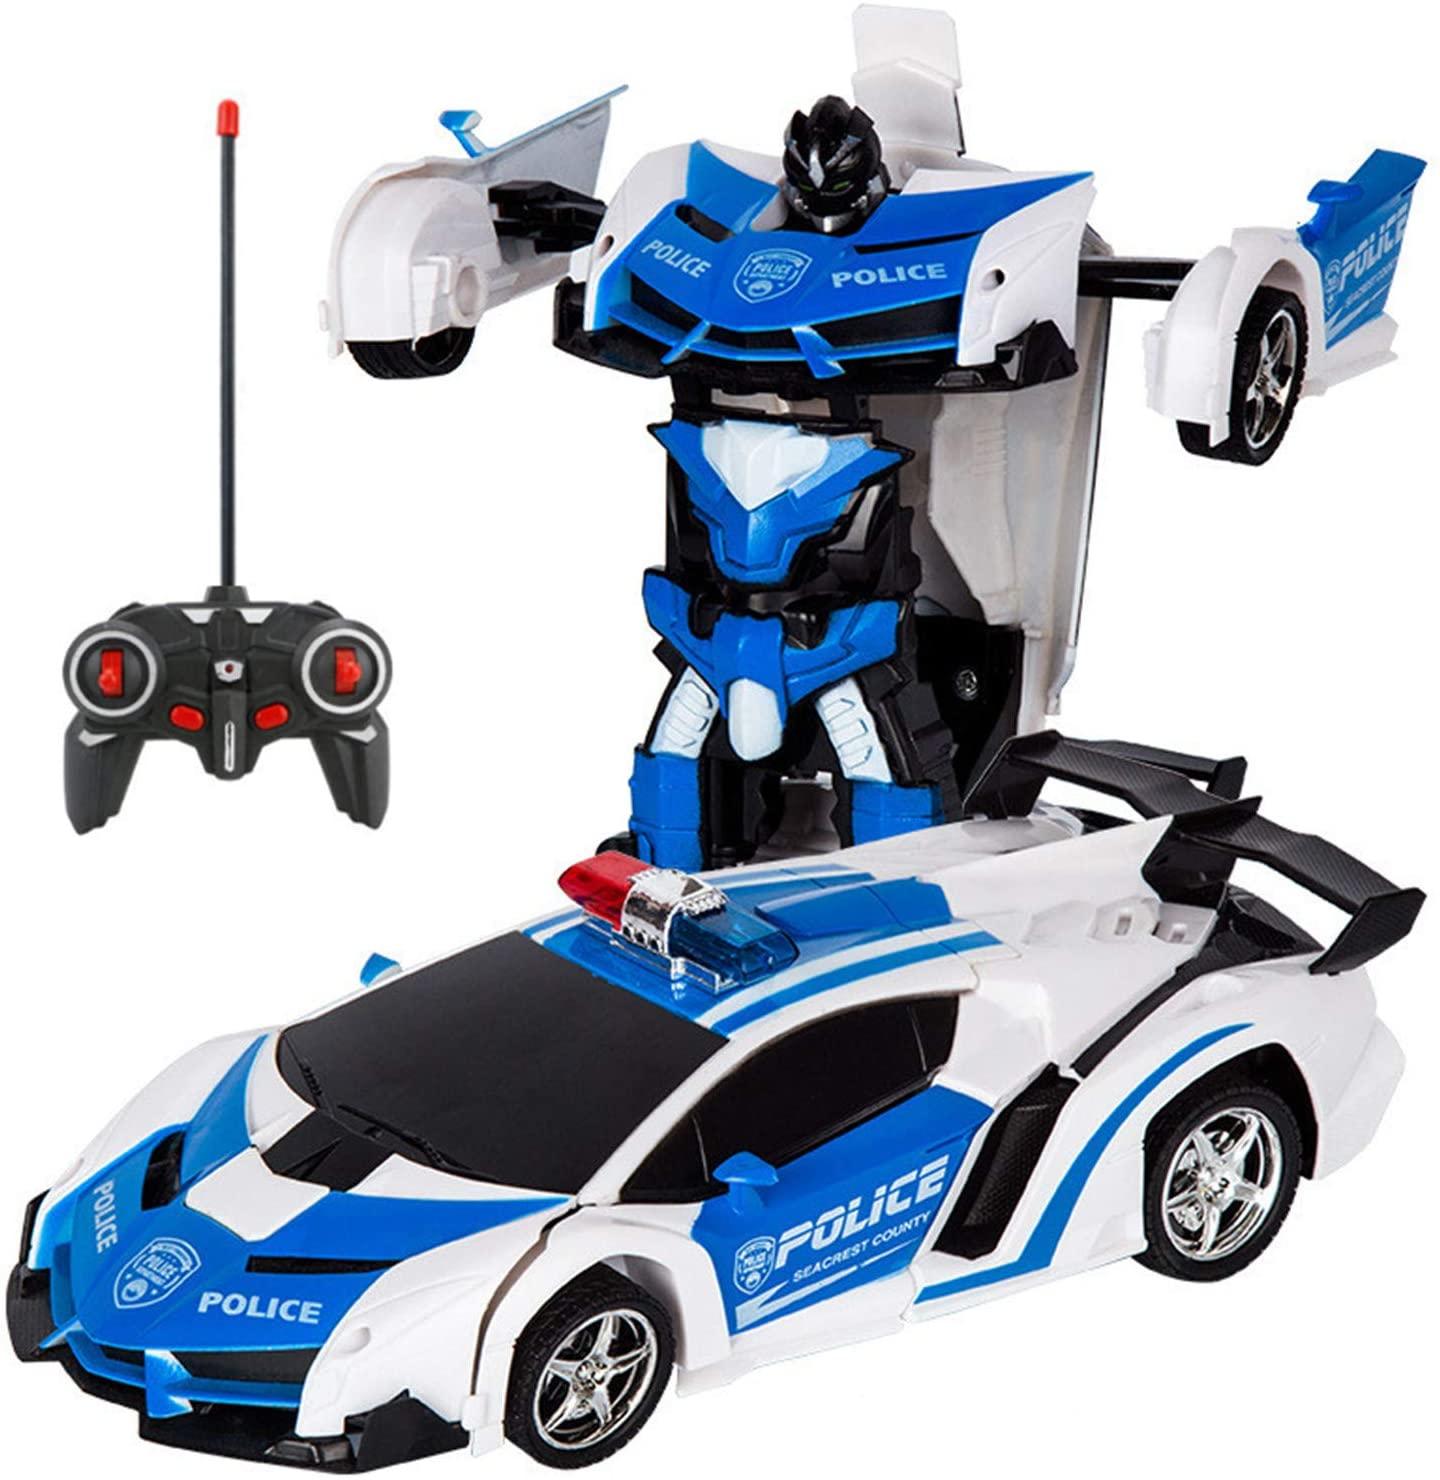 電動RCカー おもちゃの車 リモコンカー ラジコンカー 定番から日本未入荷 ロボットに変換することができます レッド 専門店 ブルー 非常にクールなデザイン 2色